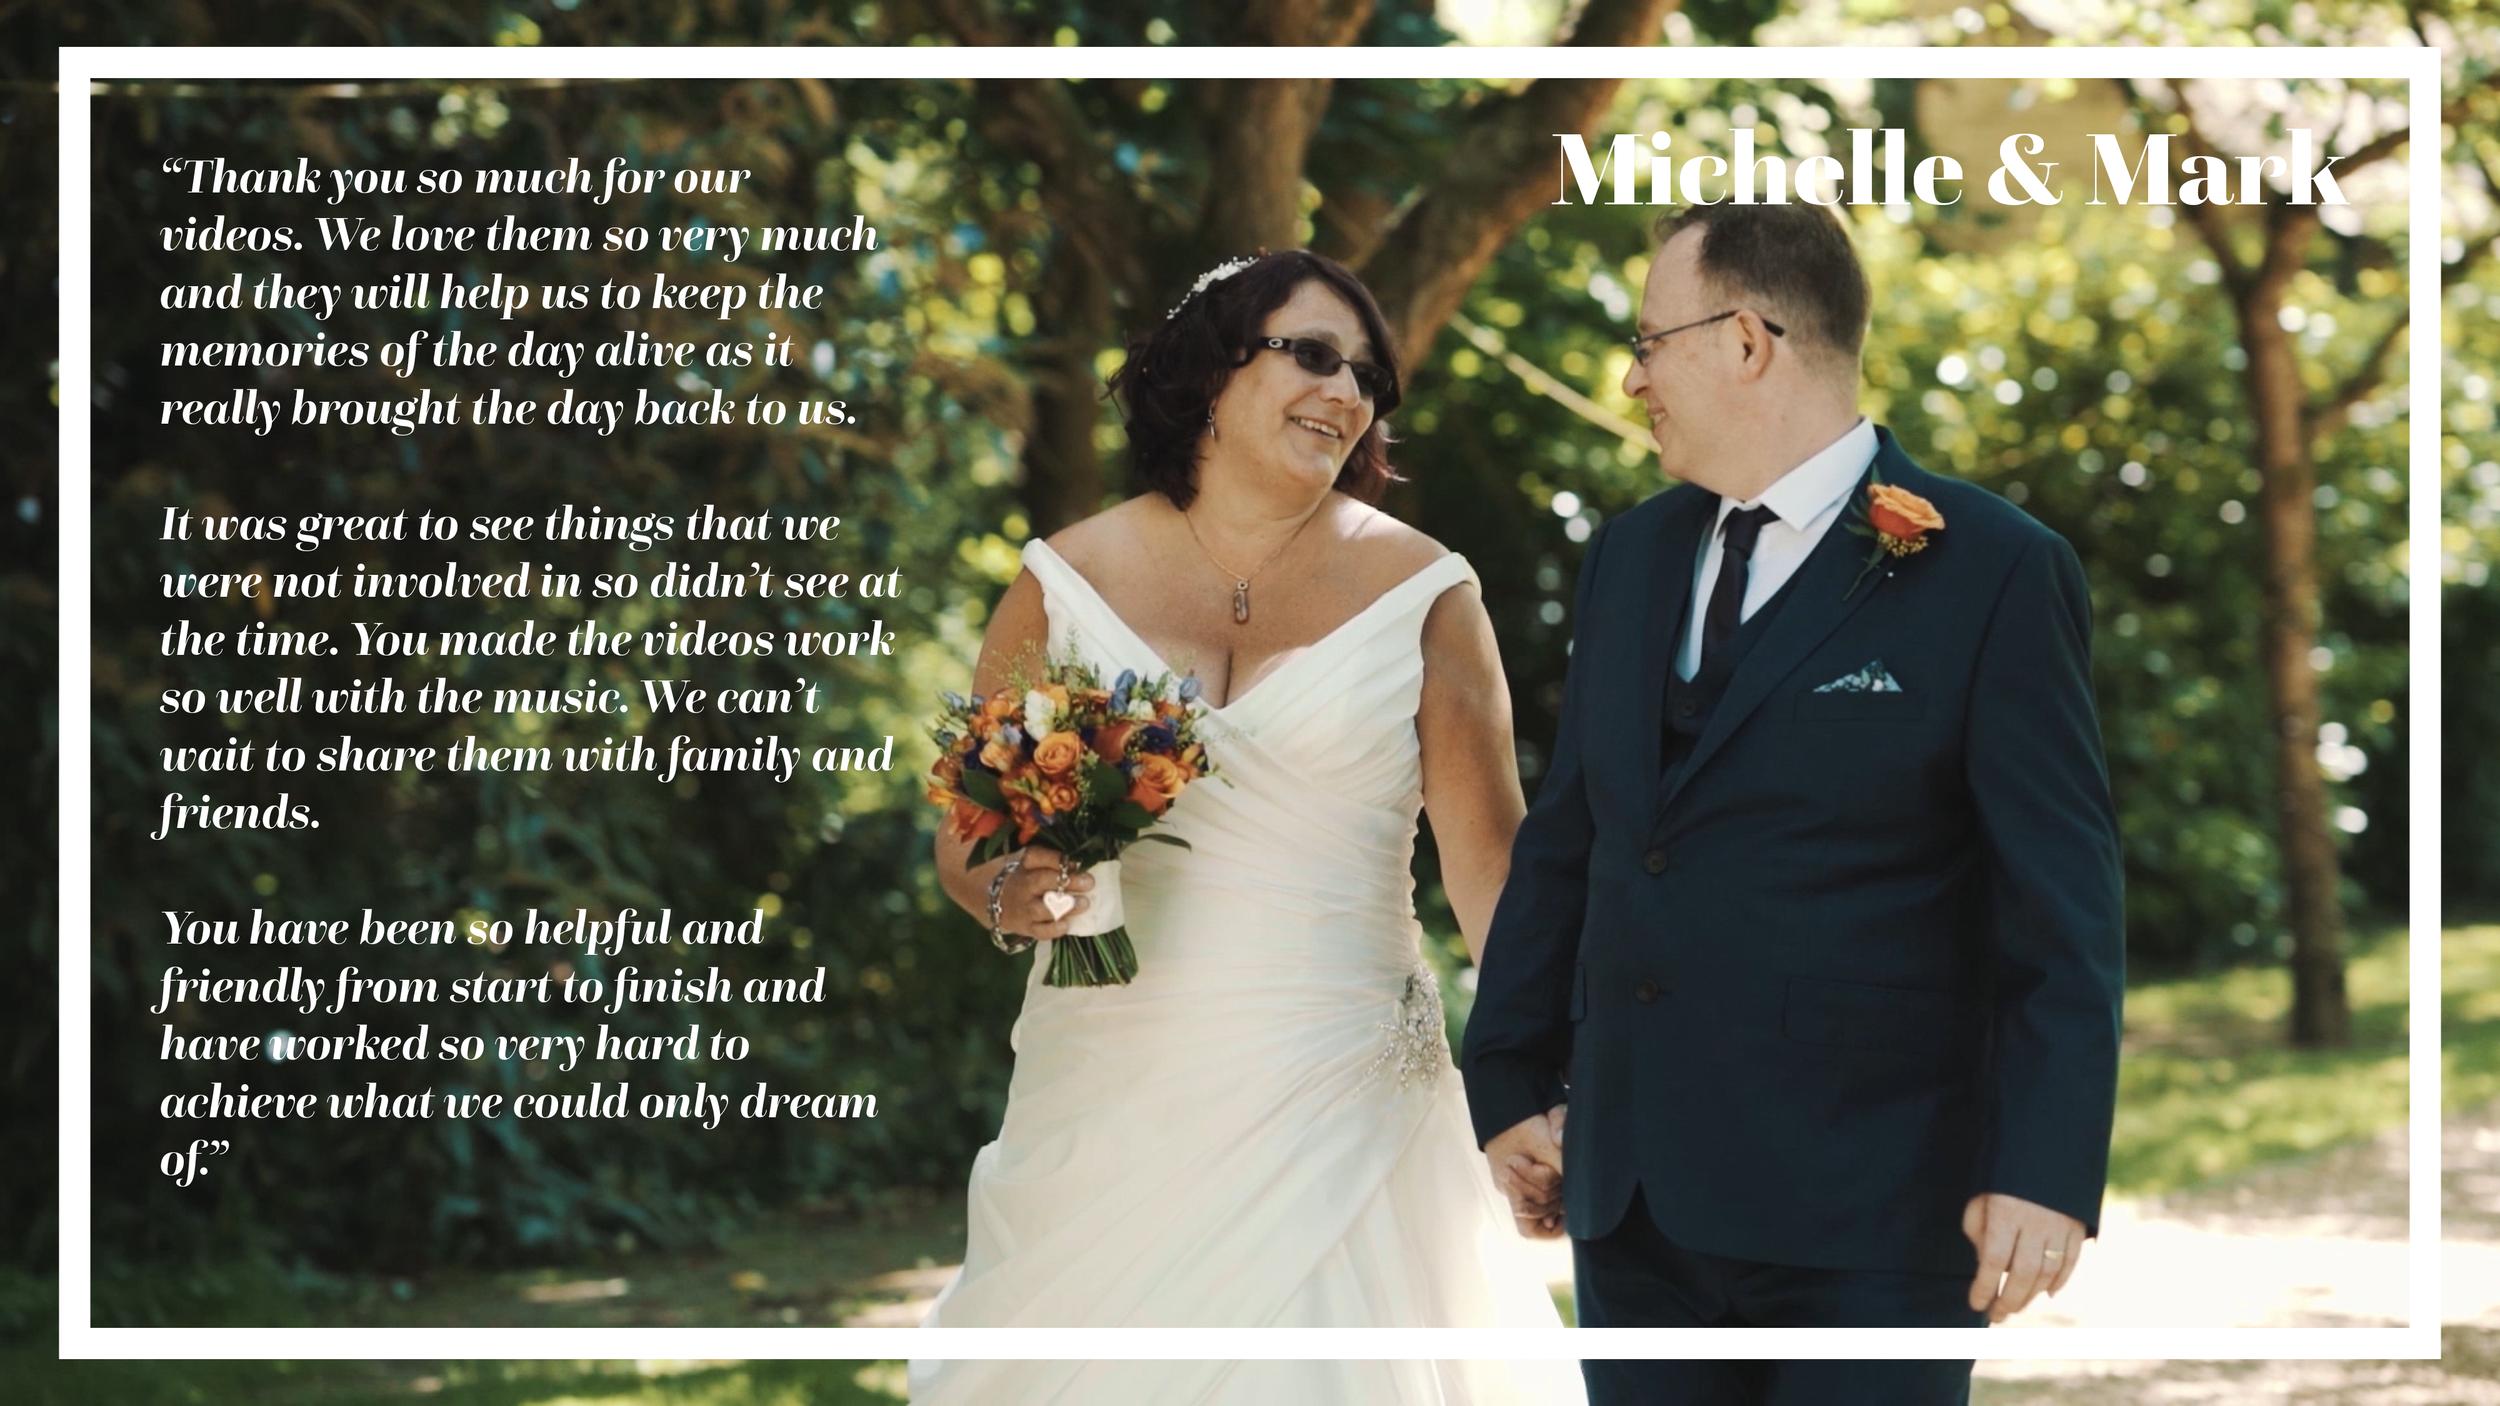 Wedding Brochure - (All the best slides) - 1 PDF9.png